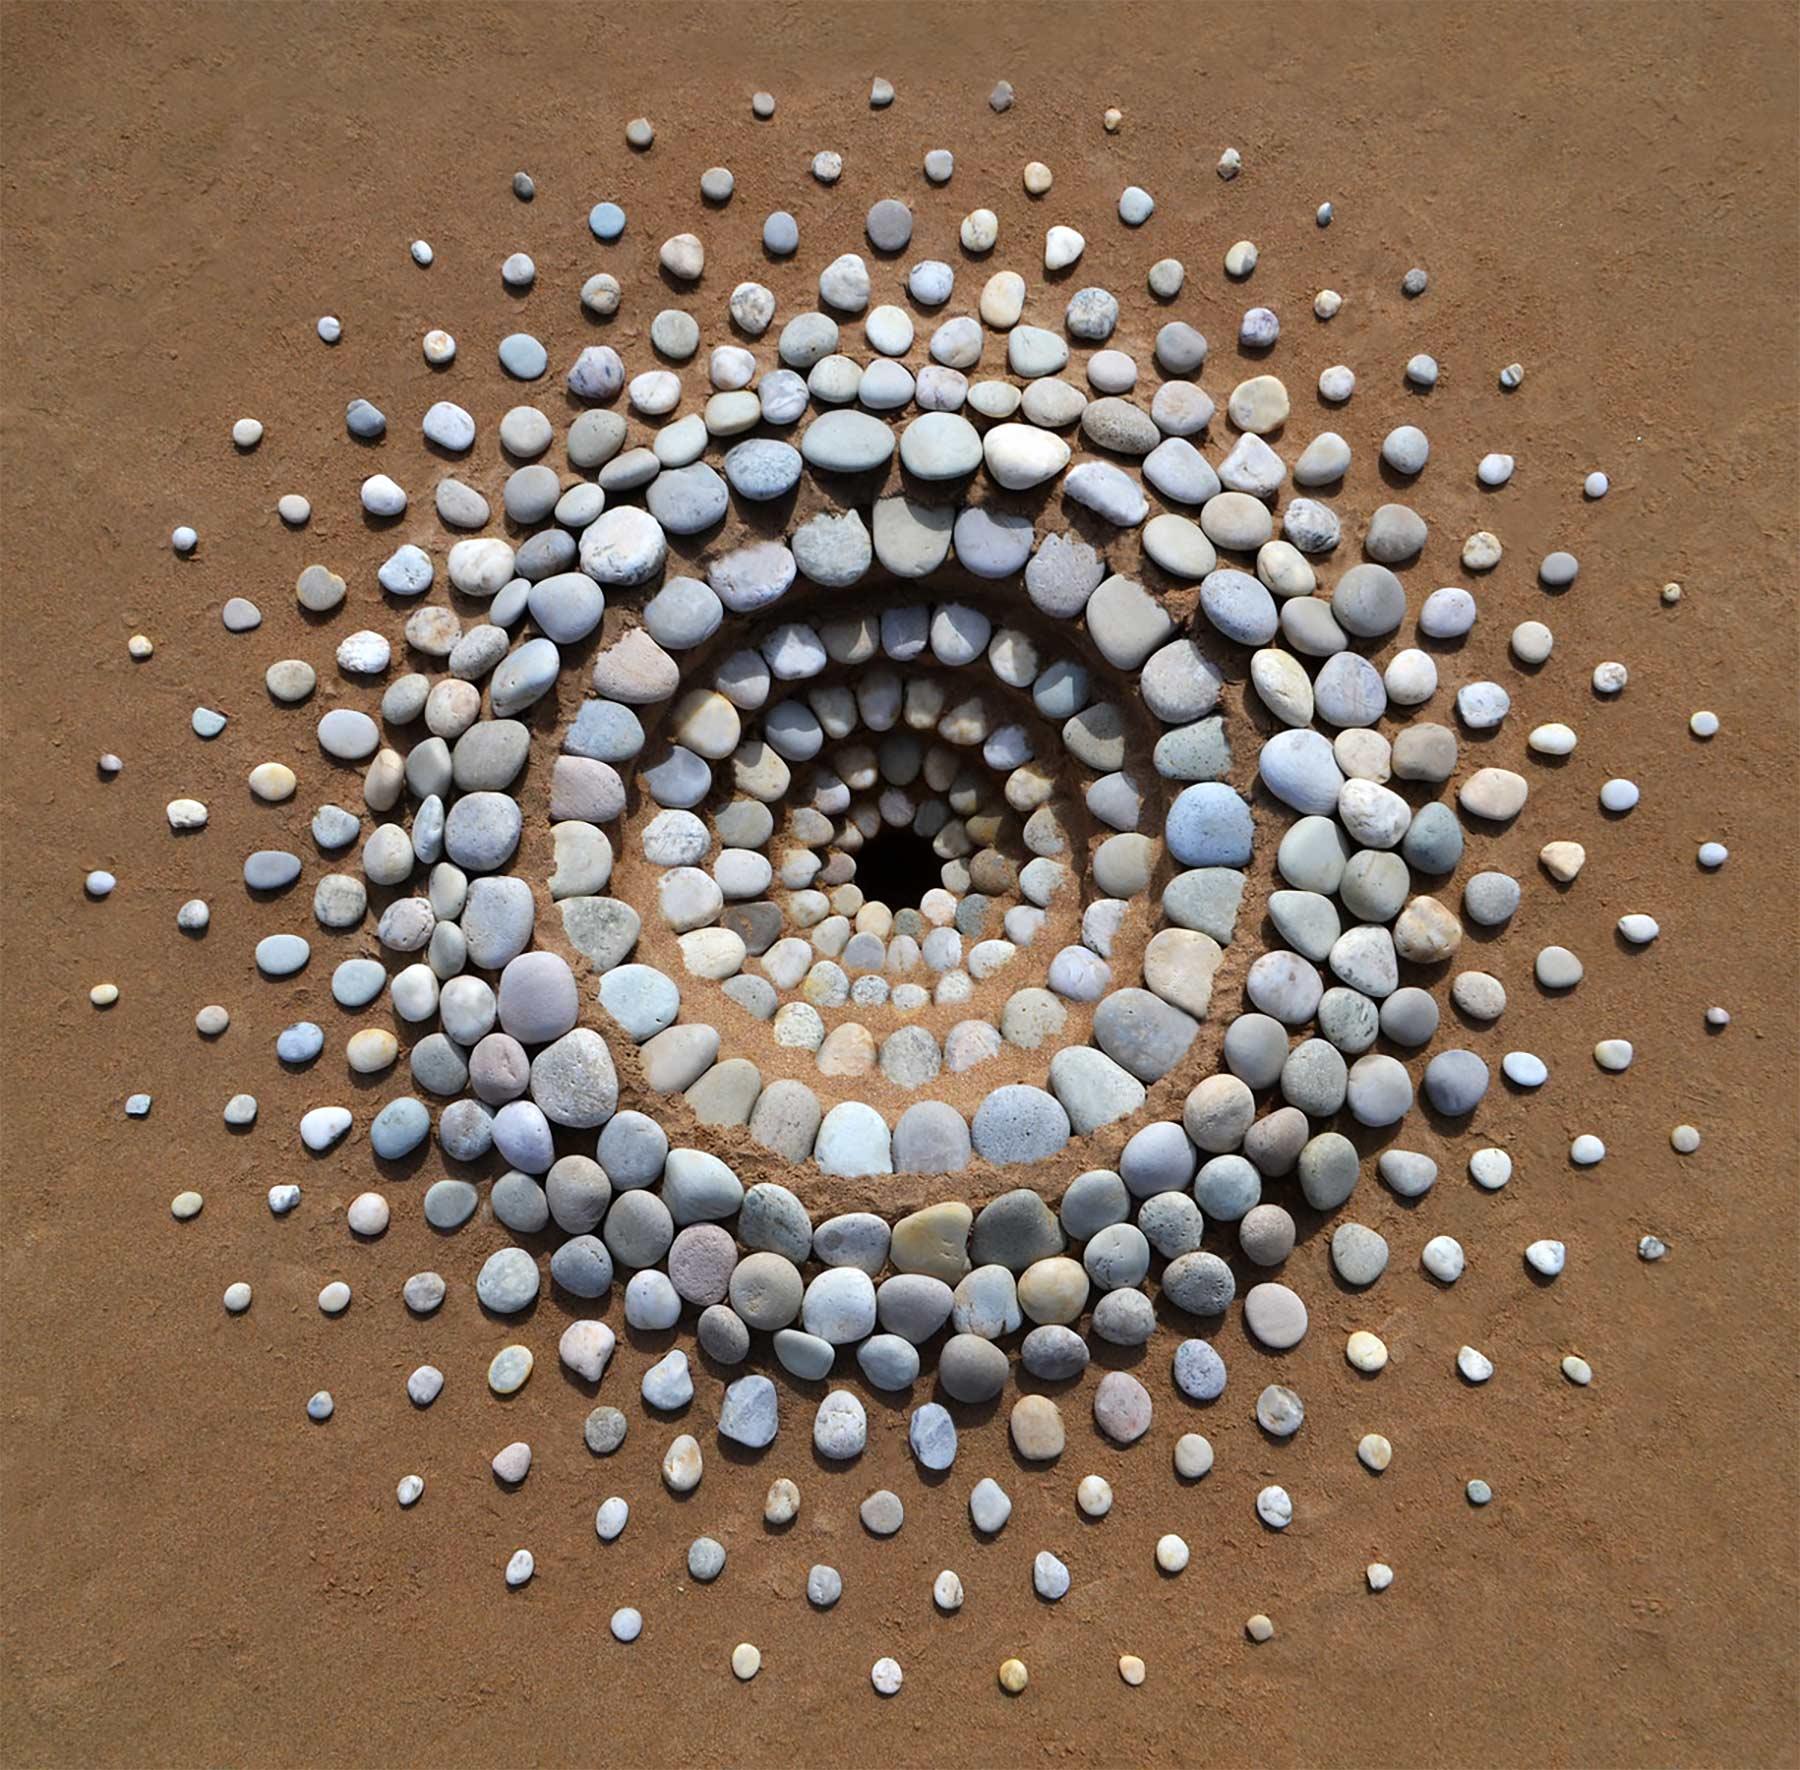 Musterlegekunst von Jon Foreman jon-foreman_sculpt-the-world_steinmuster_02